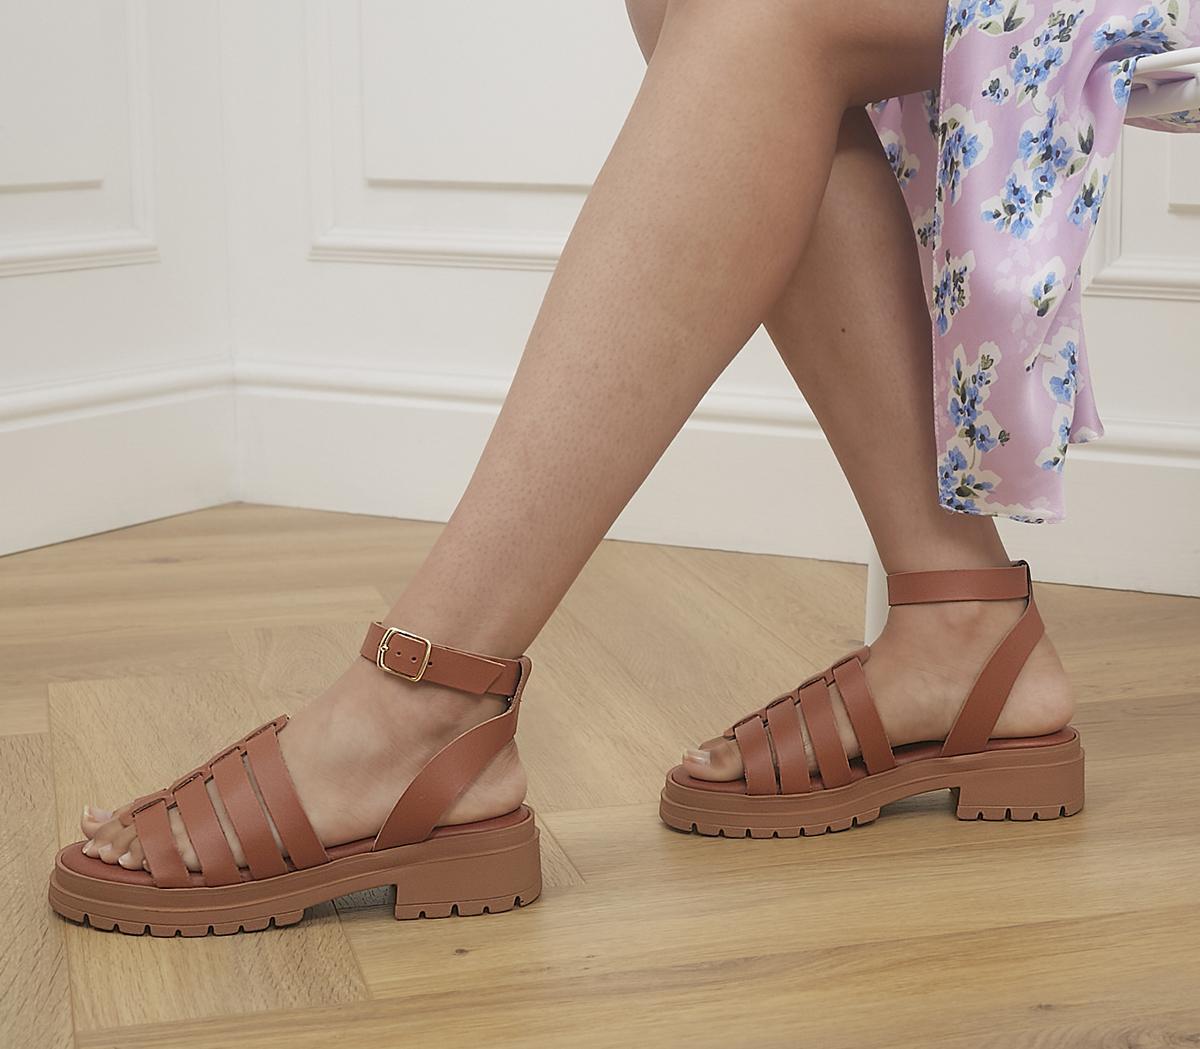 Sawyer Chunky Gladiator Sandals